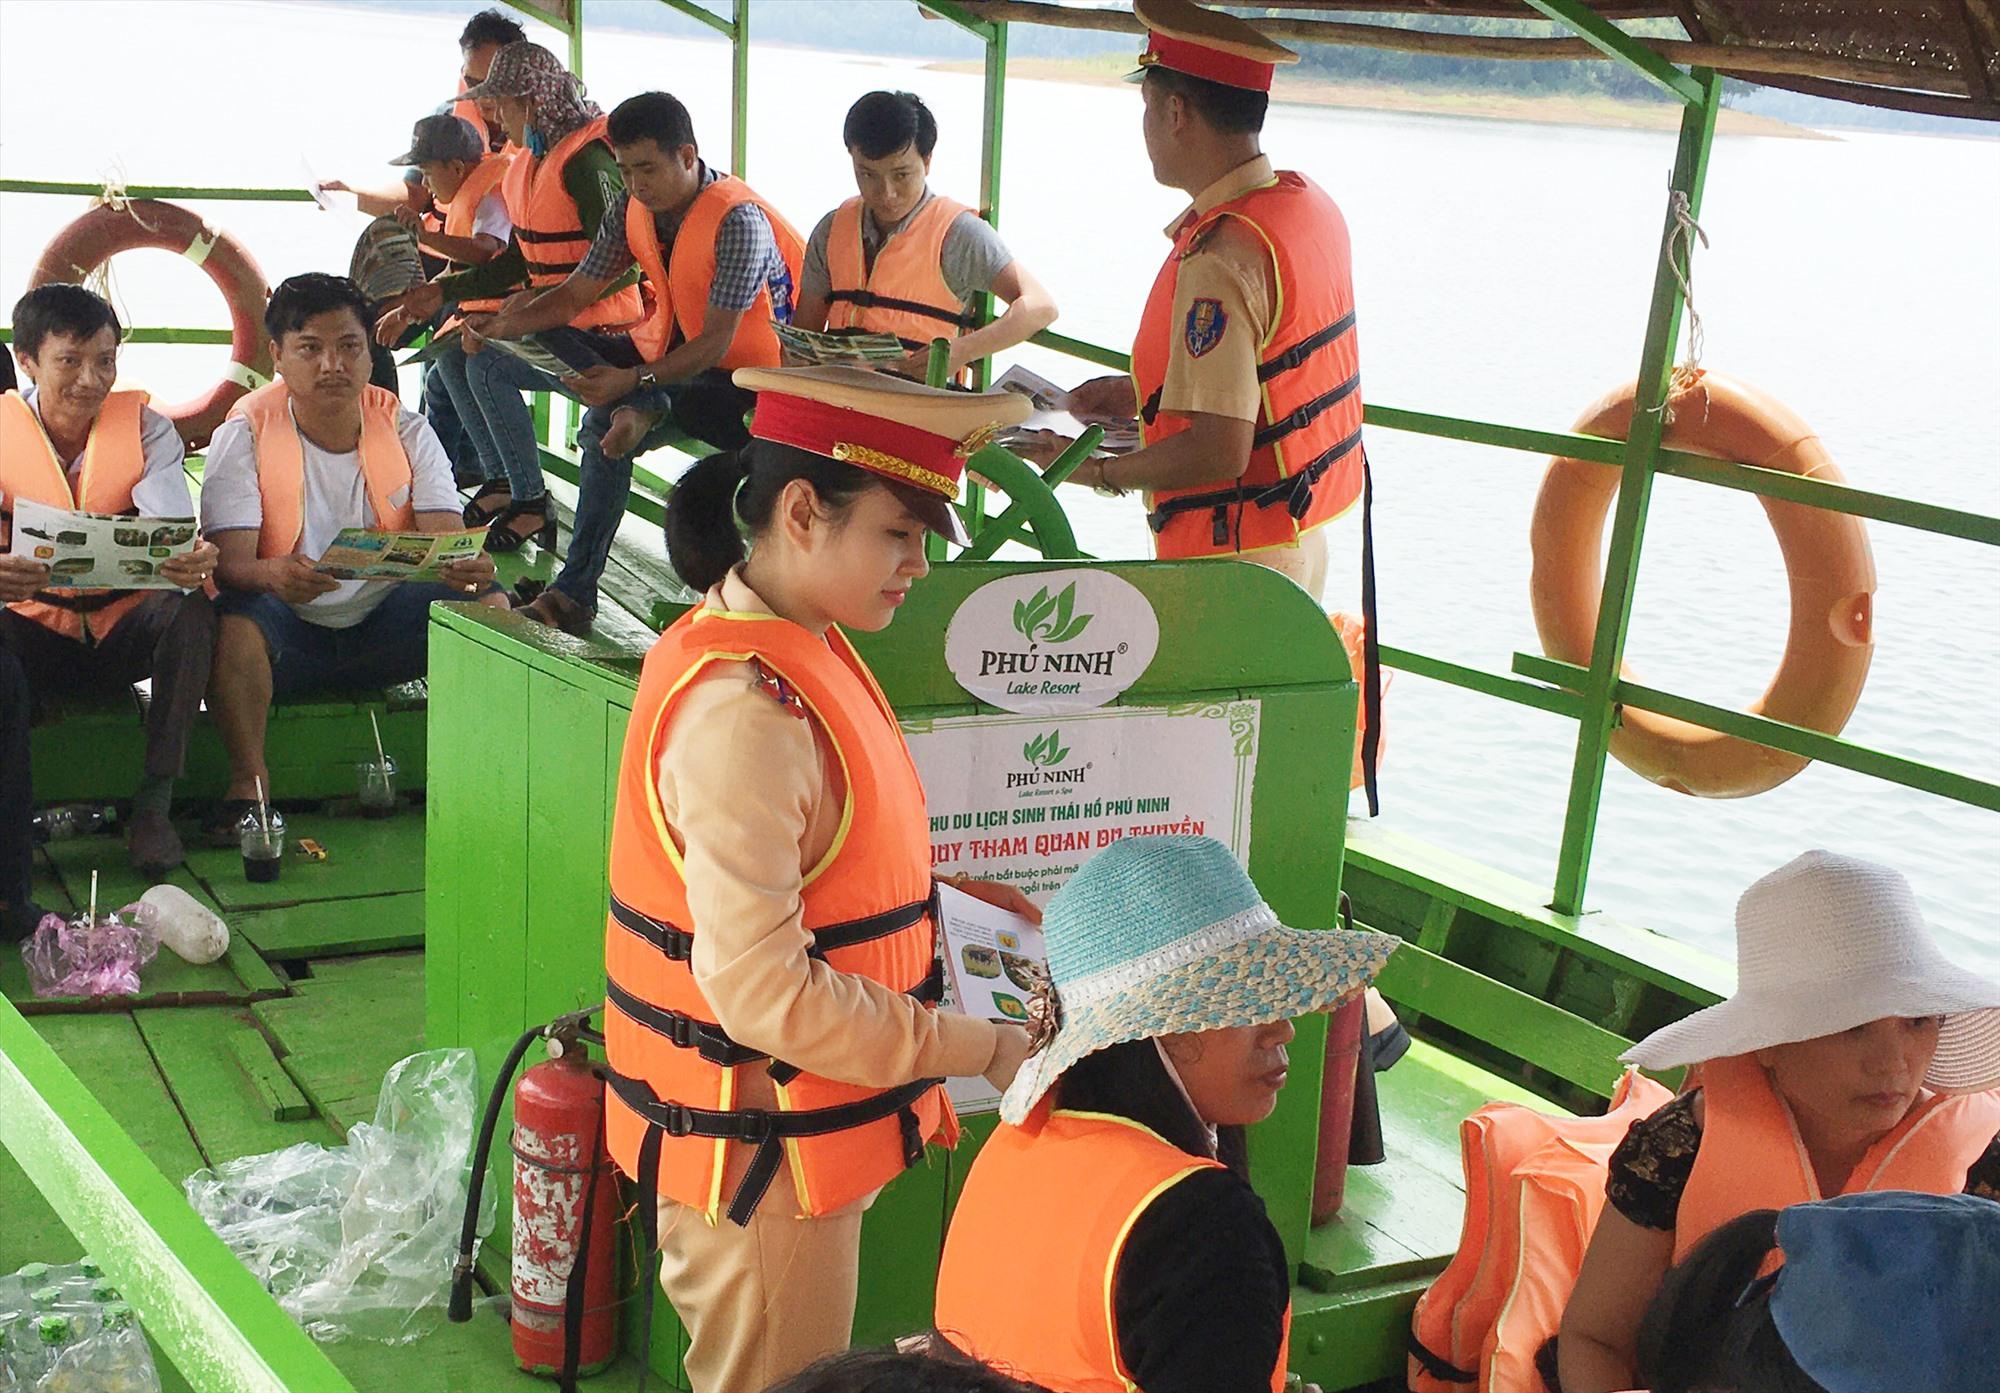 Cảnh sát đường thủy tuyên truyền, phát tờ rơi cho du khách ở hồ Phú Ninh. Ảnh: T.C